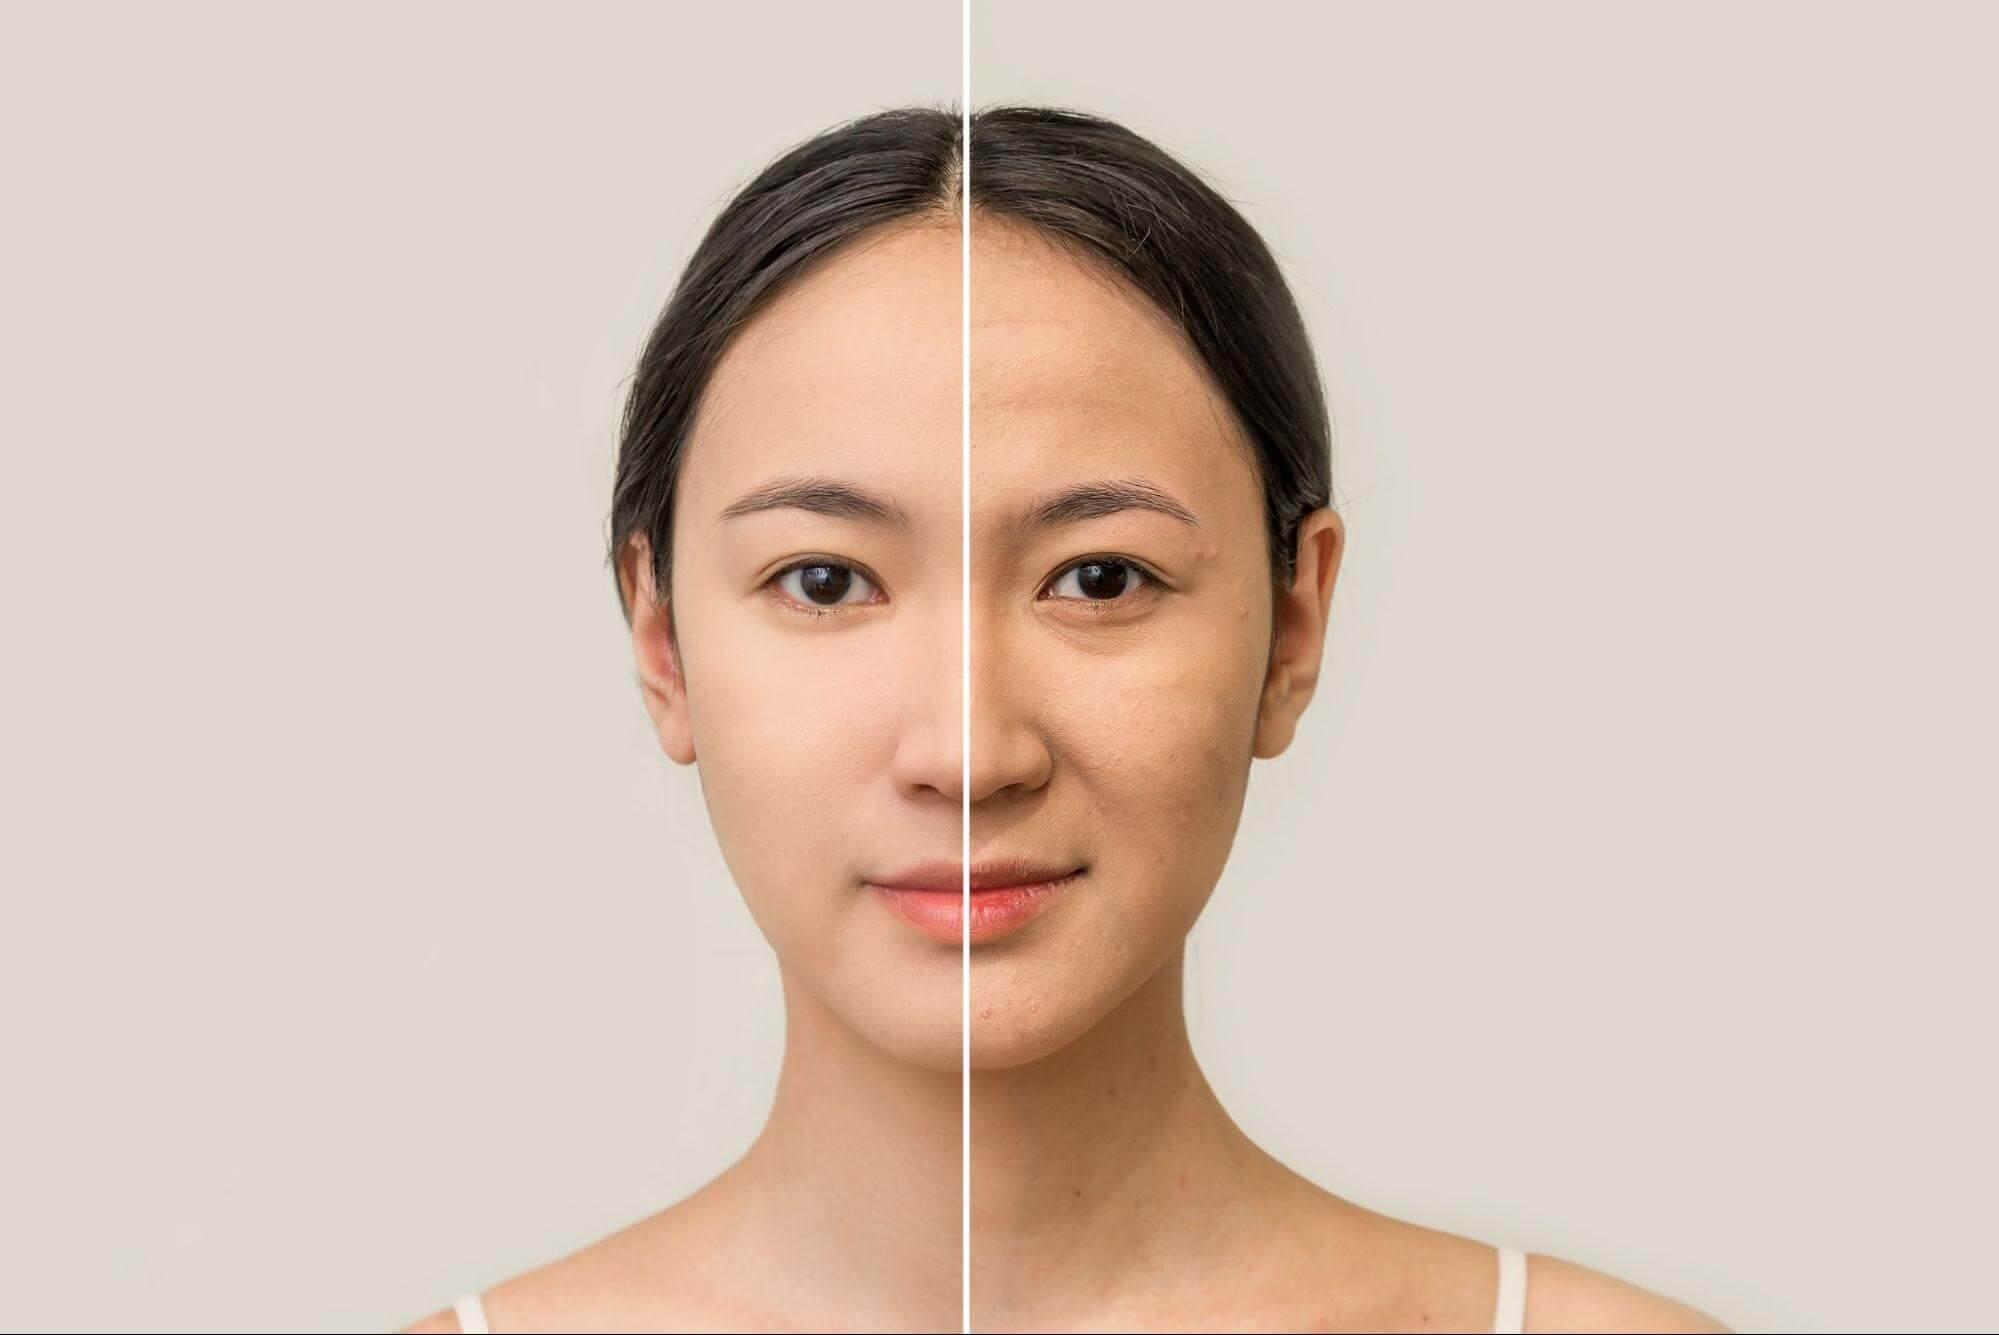 皮膚鬆弛改善前後示意圖